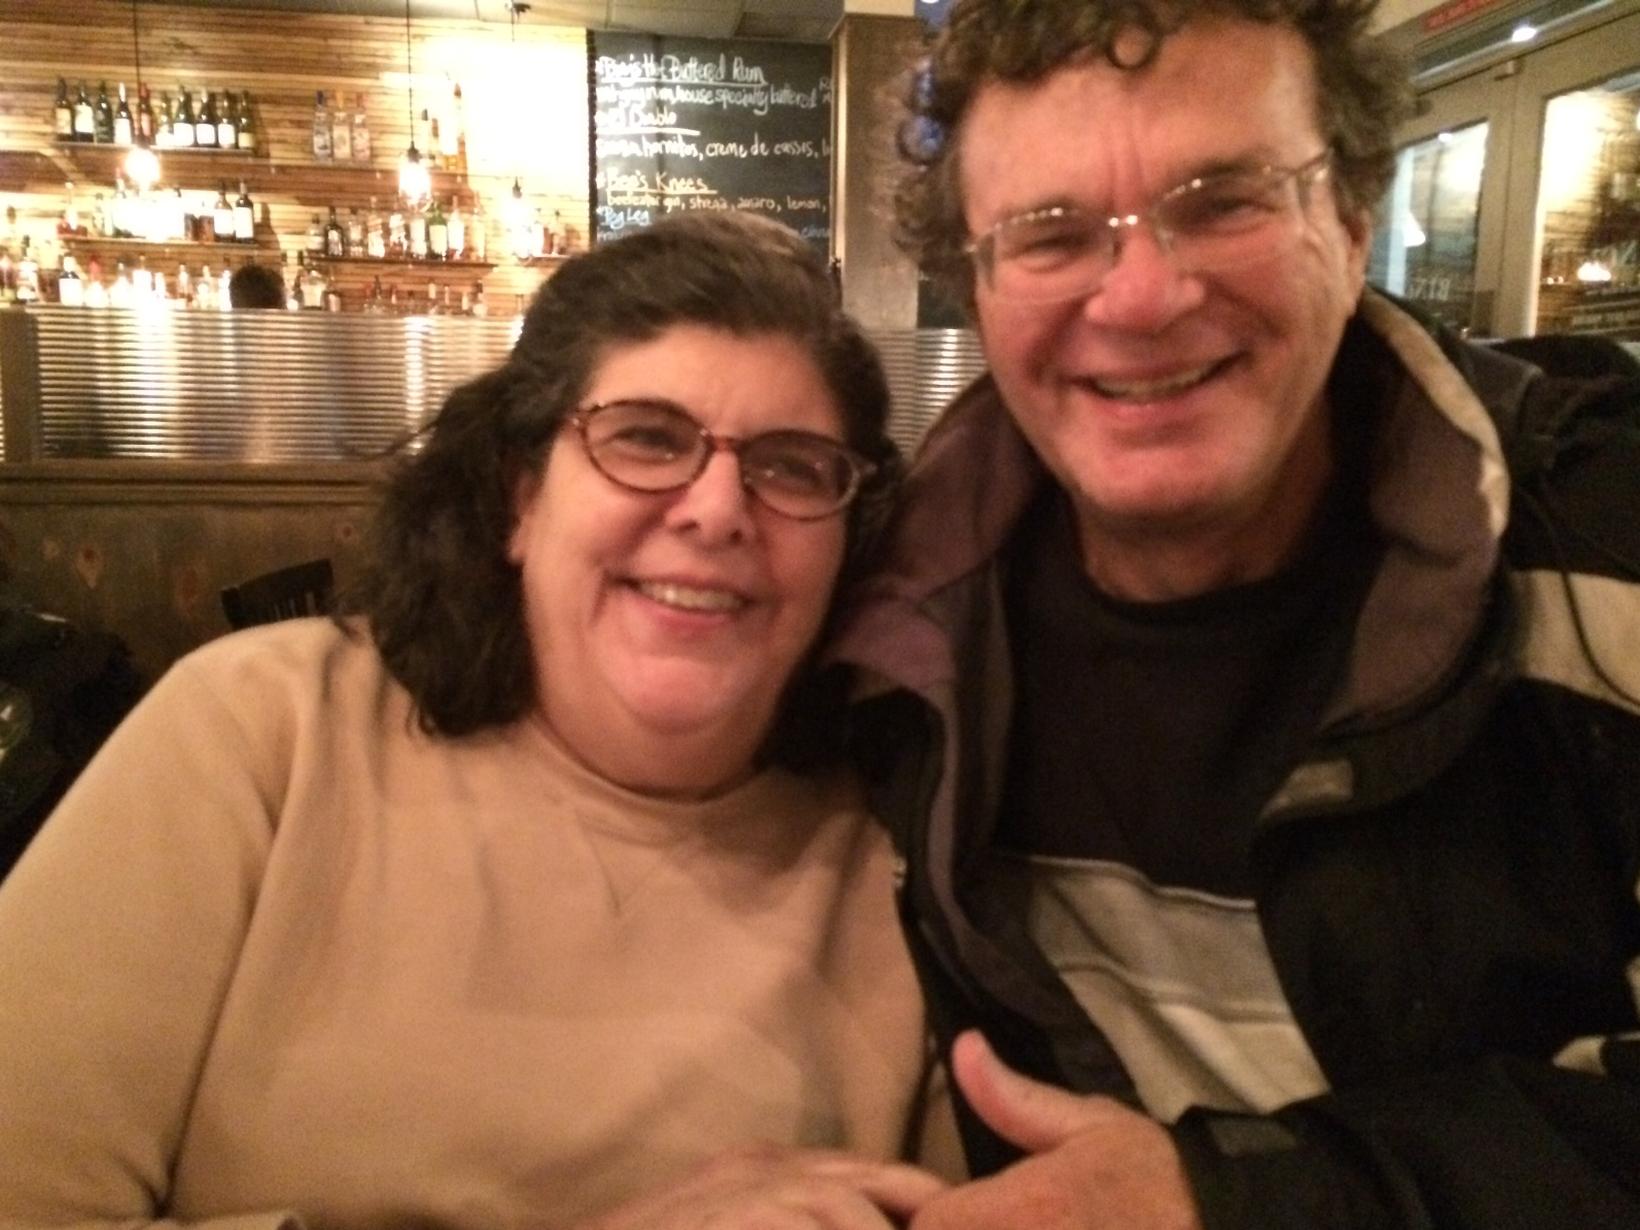 Eustia & Stephen from Stone Mountain, Georgia, United States